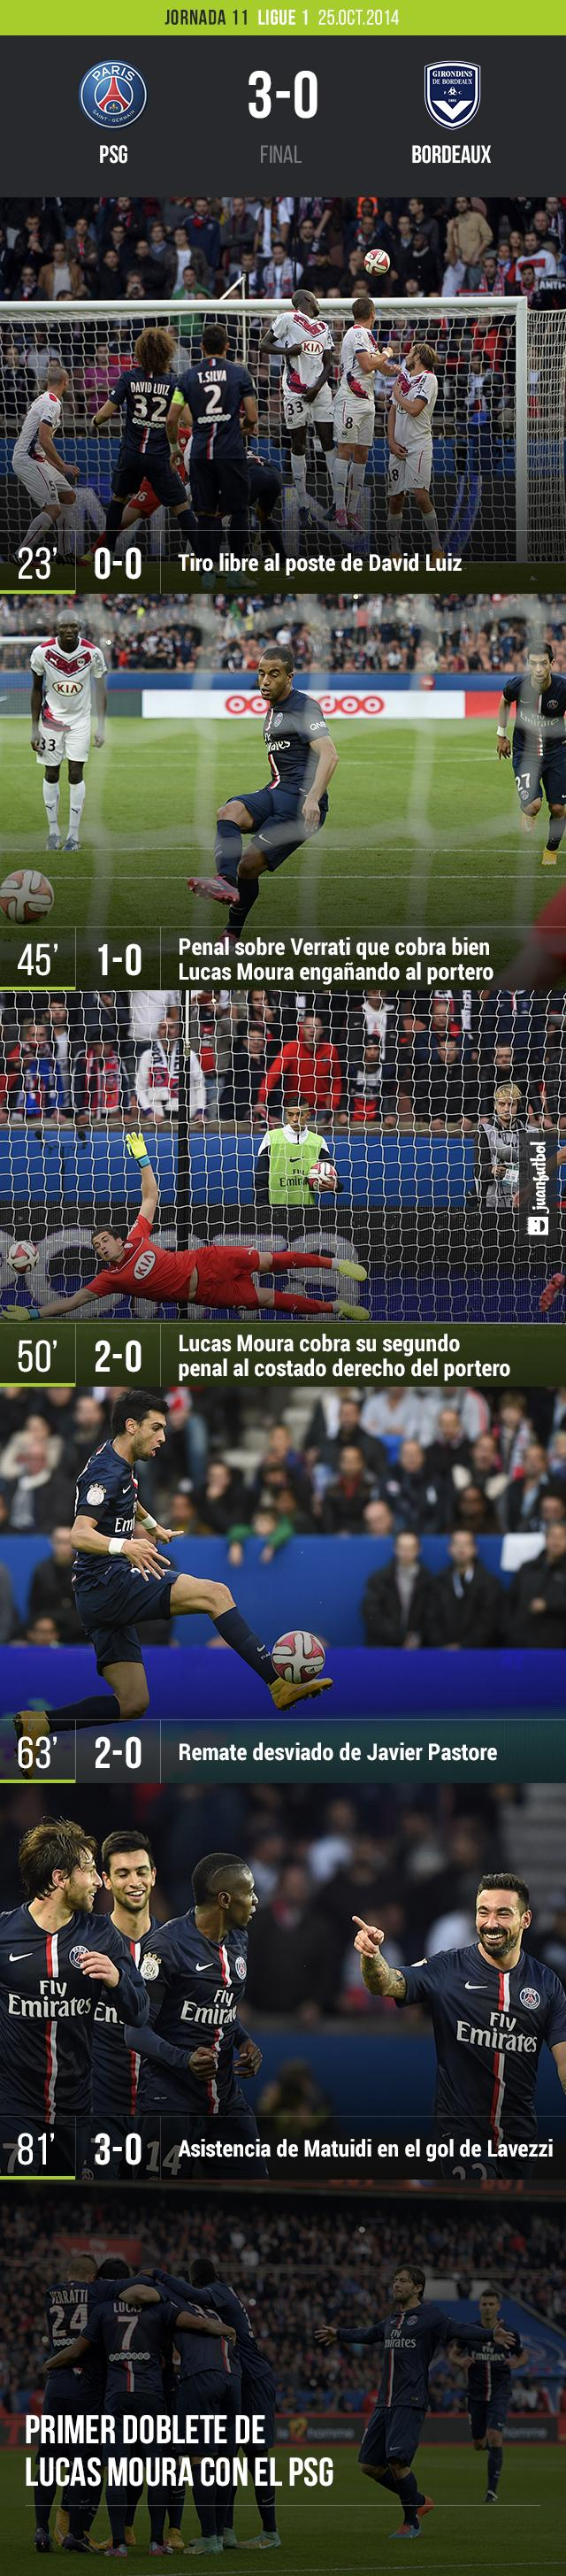 EL PSG gano 3-0 al Bordeaux con doblete de Lucas Moura y tanto de Lavezzi